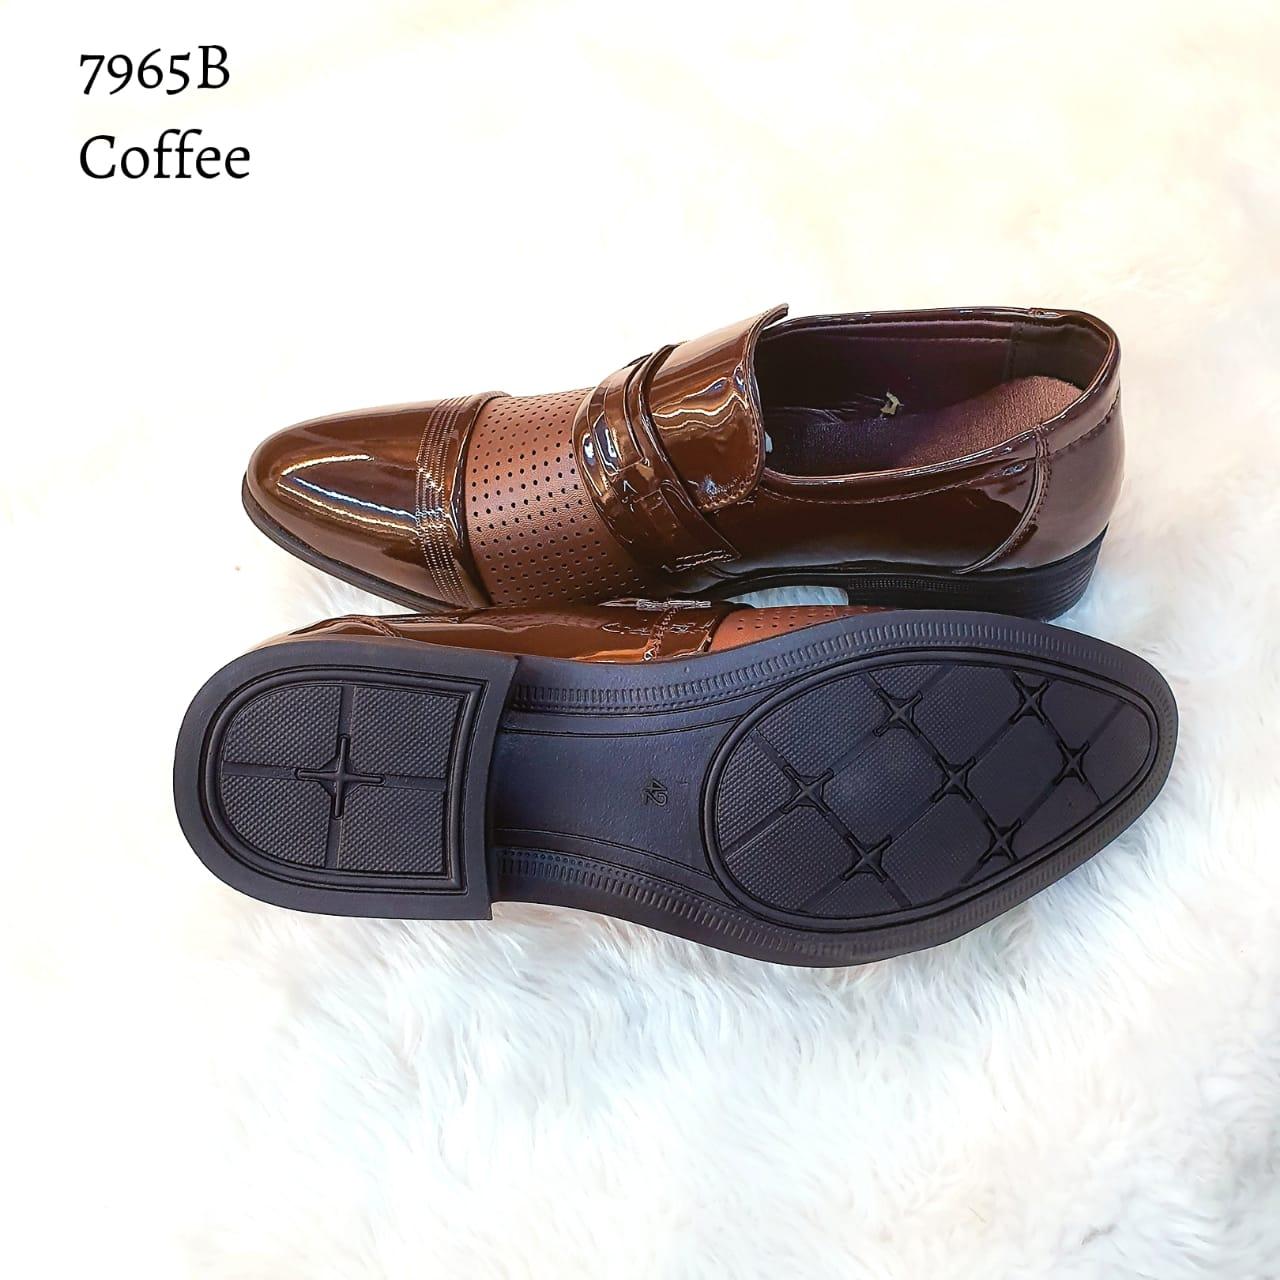 sepatu murah pria 2020 7965BGR jual sepatu di batam,jual sepatu import batam,jual sepatu bekas batam